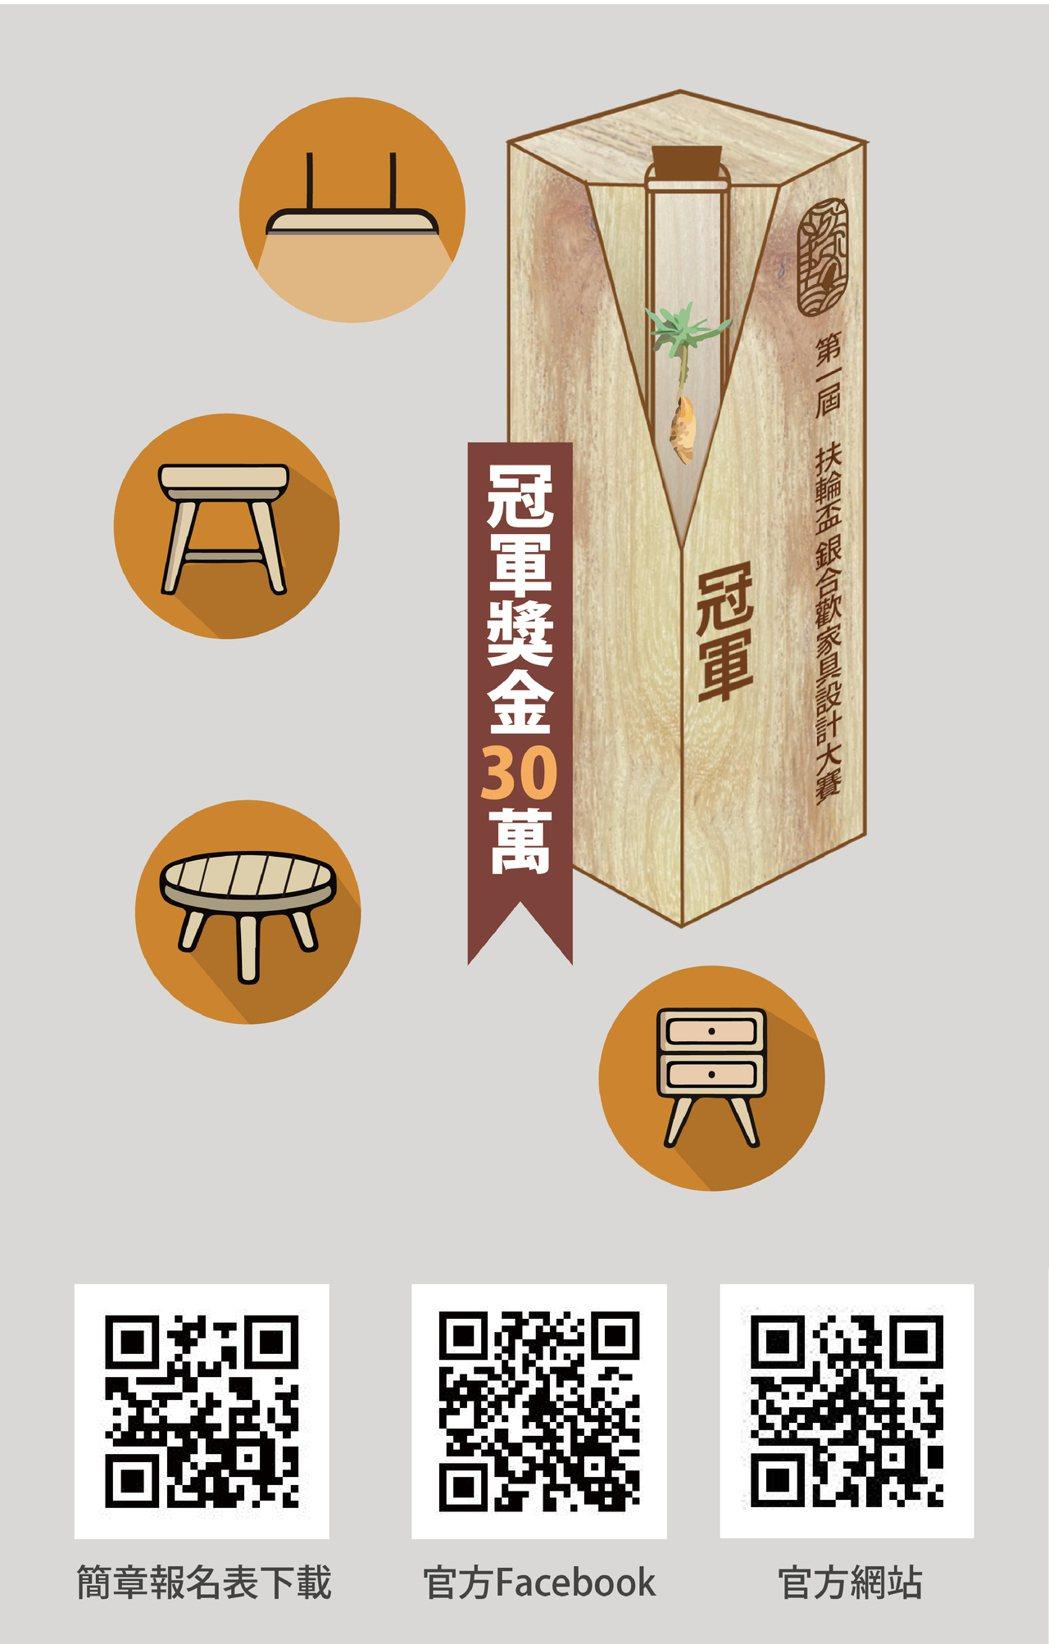 第一屆扶輪盃銀合歡家具設計競賽,歡迎踴躍報名 業者/提供